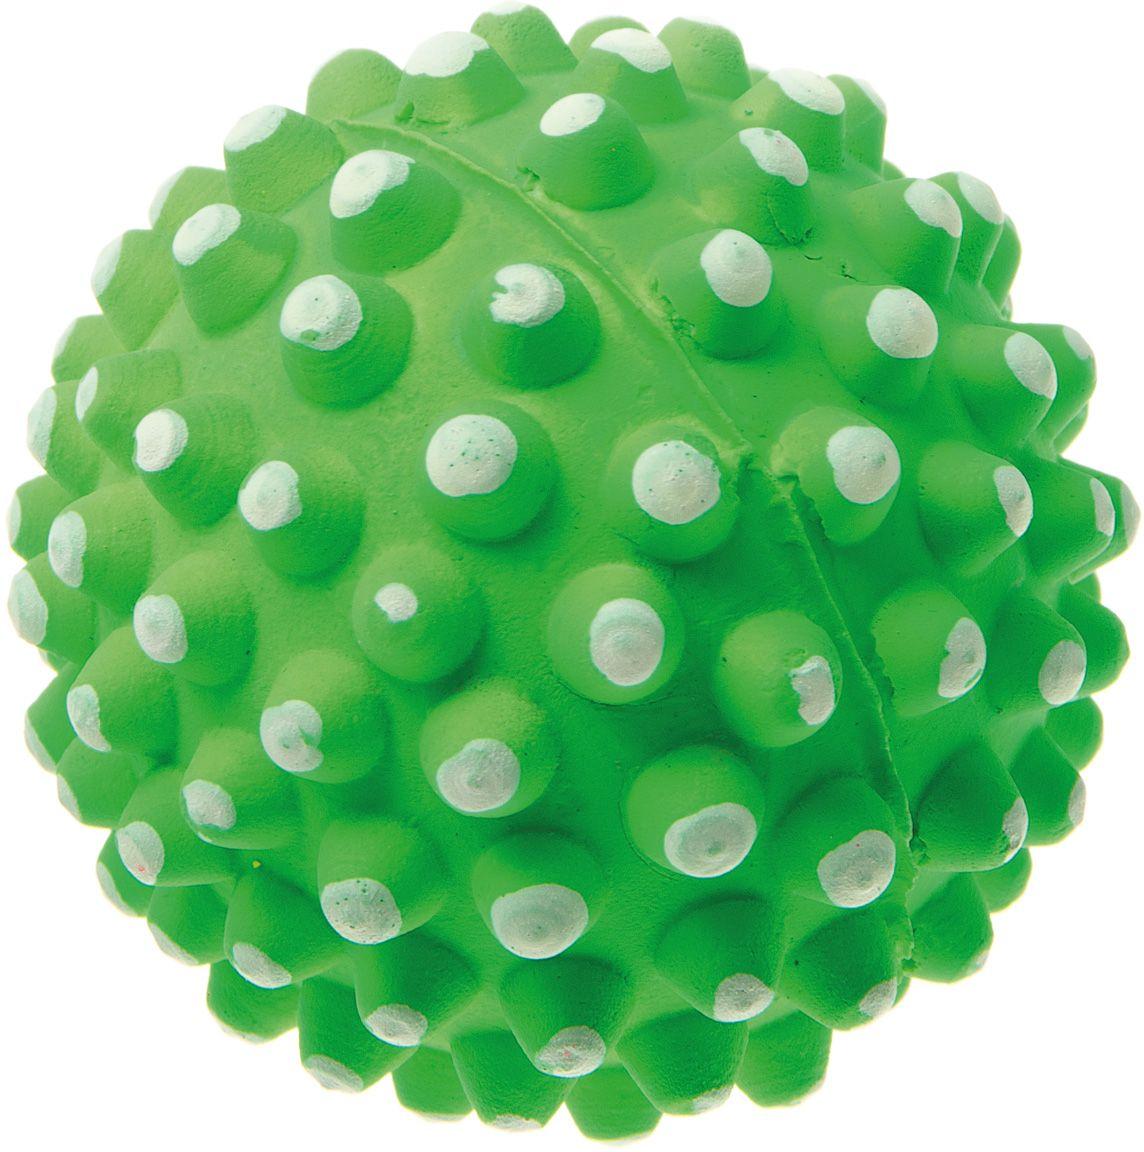 Мяч V.I.Pet Коралл, цвет: зеленый, 72 мм. 20-112620-1126